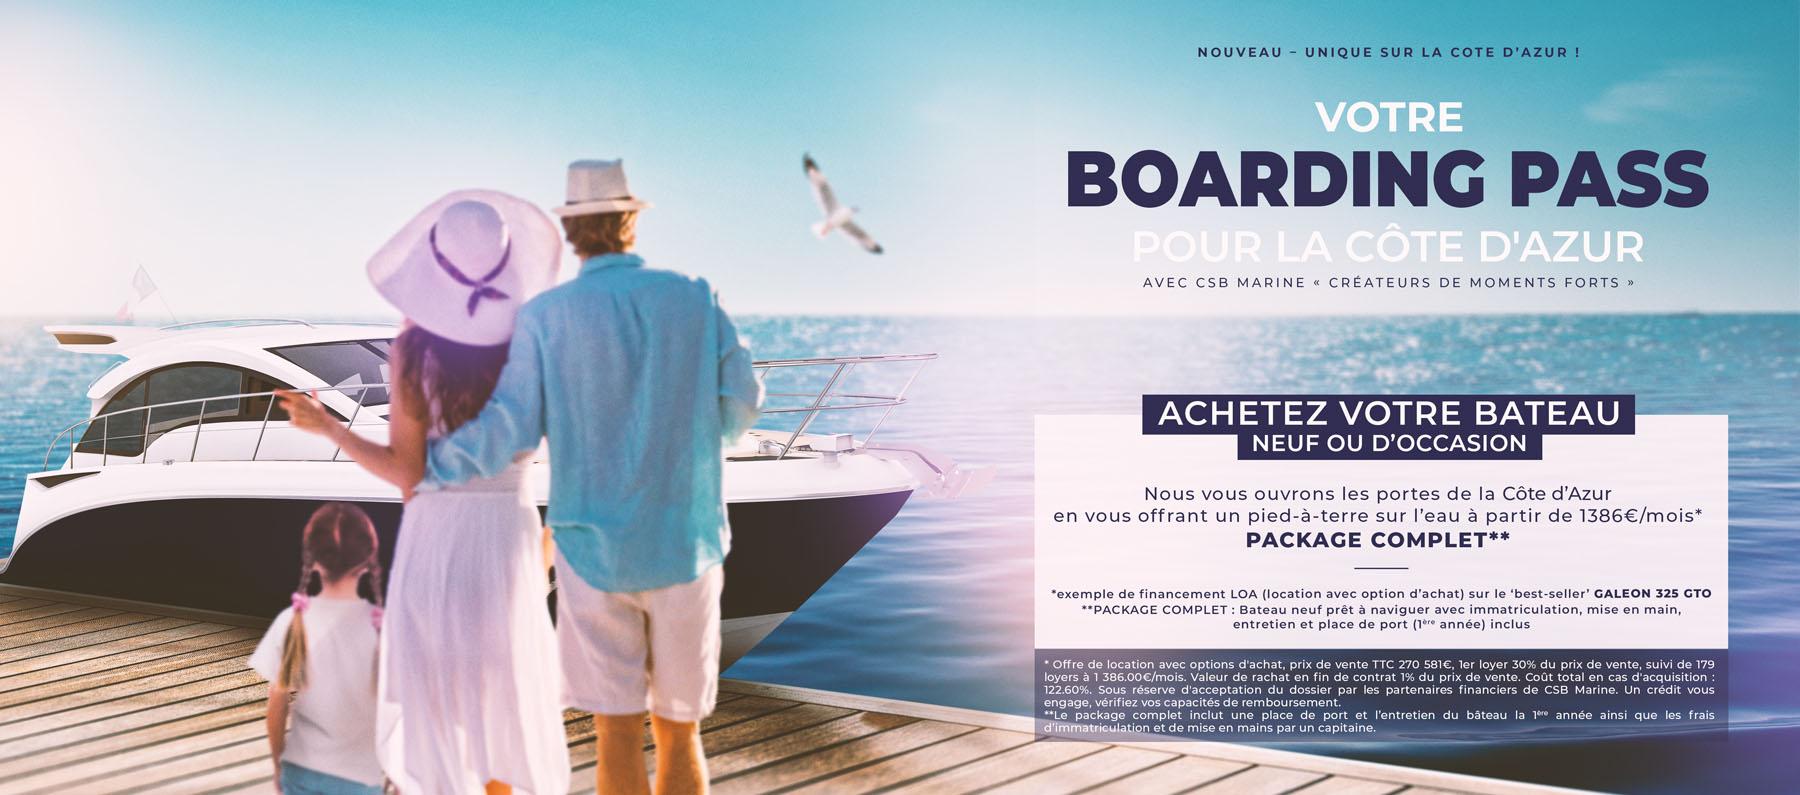 Votre boarding pass pour la Côte d'Azur avec CSB Marine, créateurs de moments forts. Achetez votre Galeon 325 GTO neuf ou d'occasion. Nous vous ouvrons les portes de la cote d'azur en vous offrant un pied-à-terre sur l'eau à partir de 1386€ par mois. Package complet